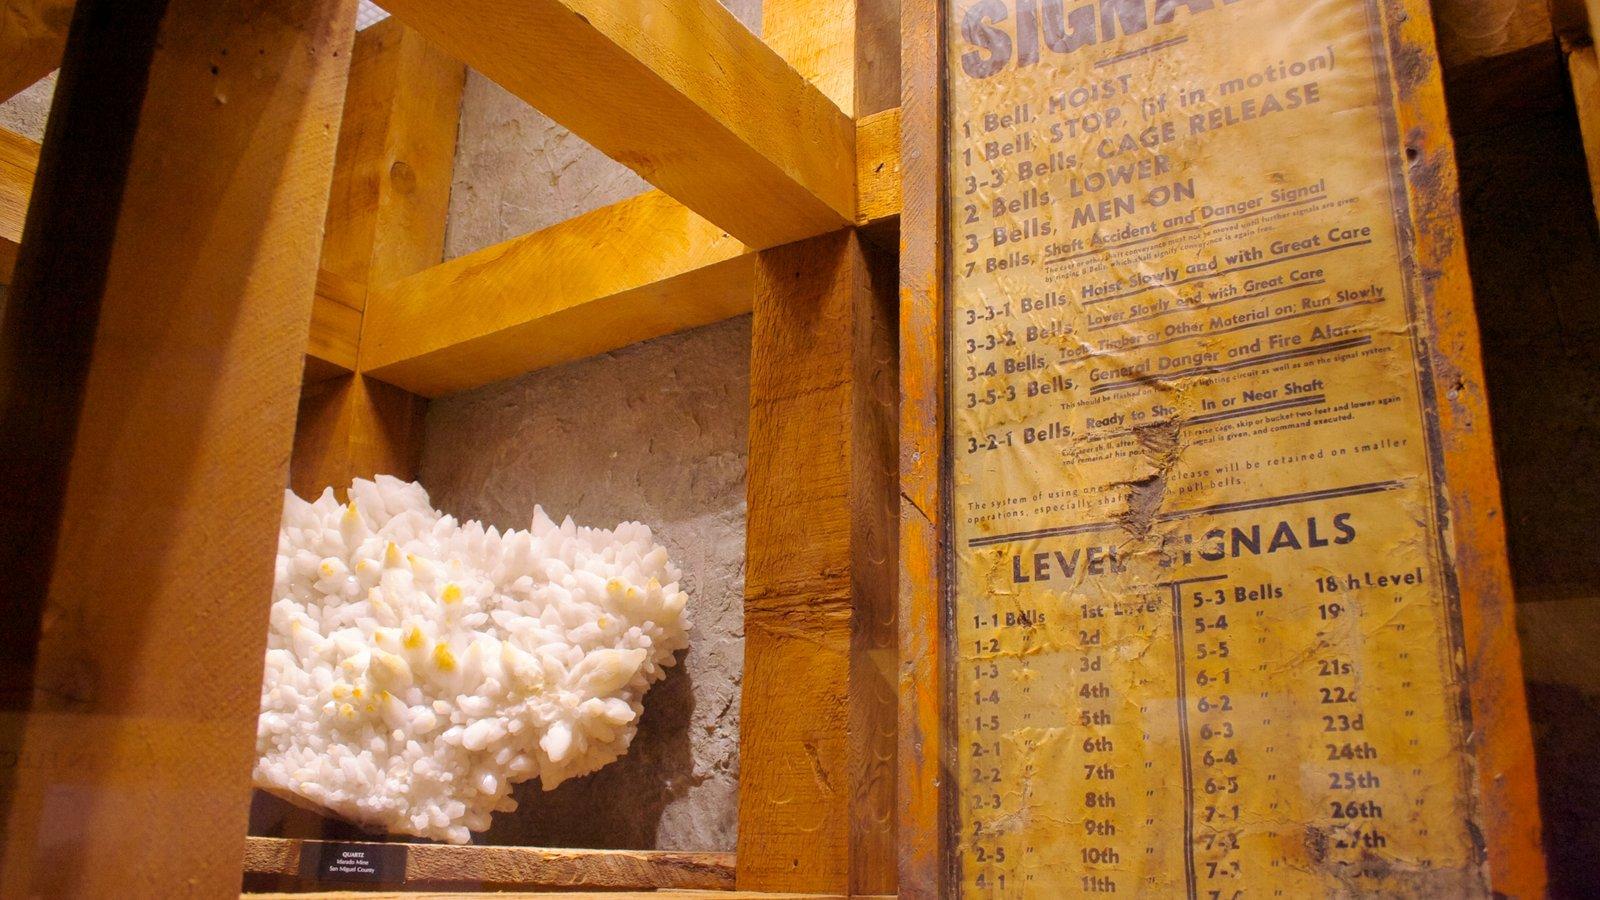 Denver Museum of Nature and Science mostrando sinalização e vistas internas